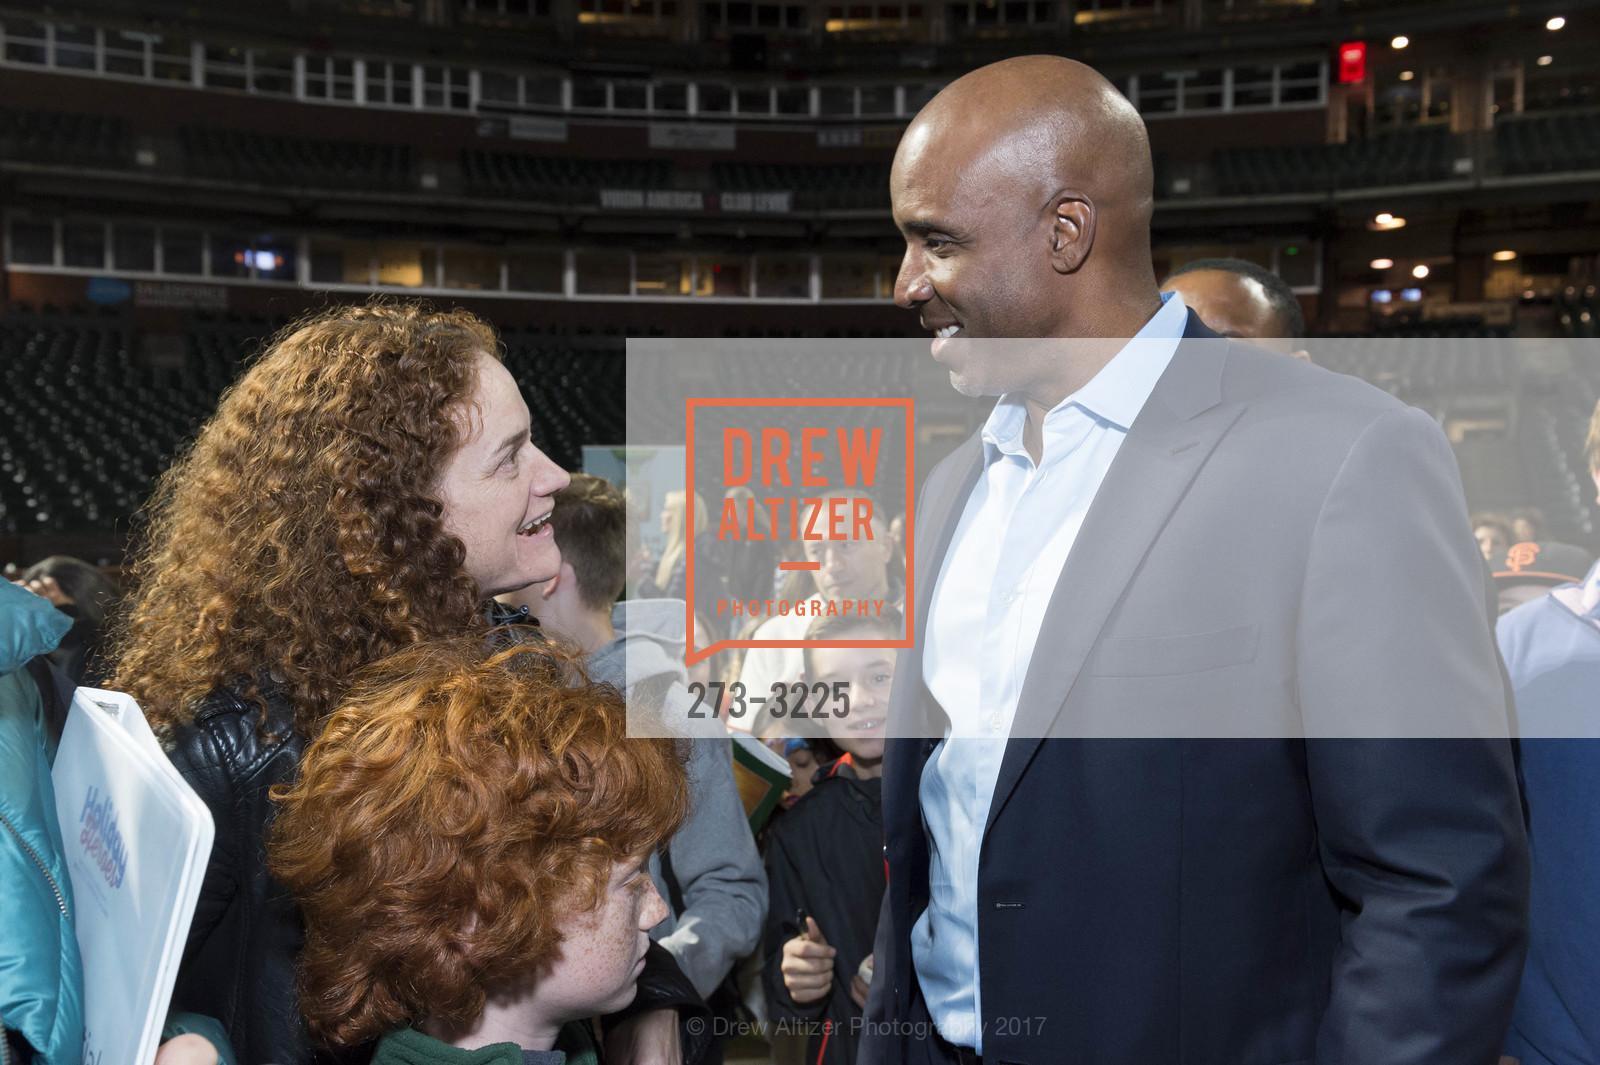 Joanne Pasternack, Barry Bonds, Photo #273-3225